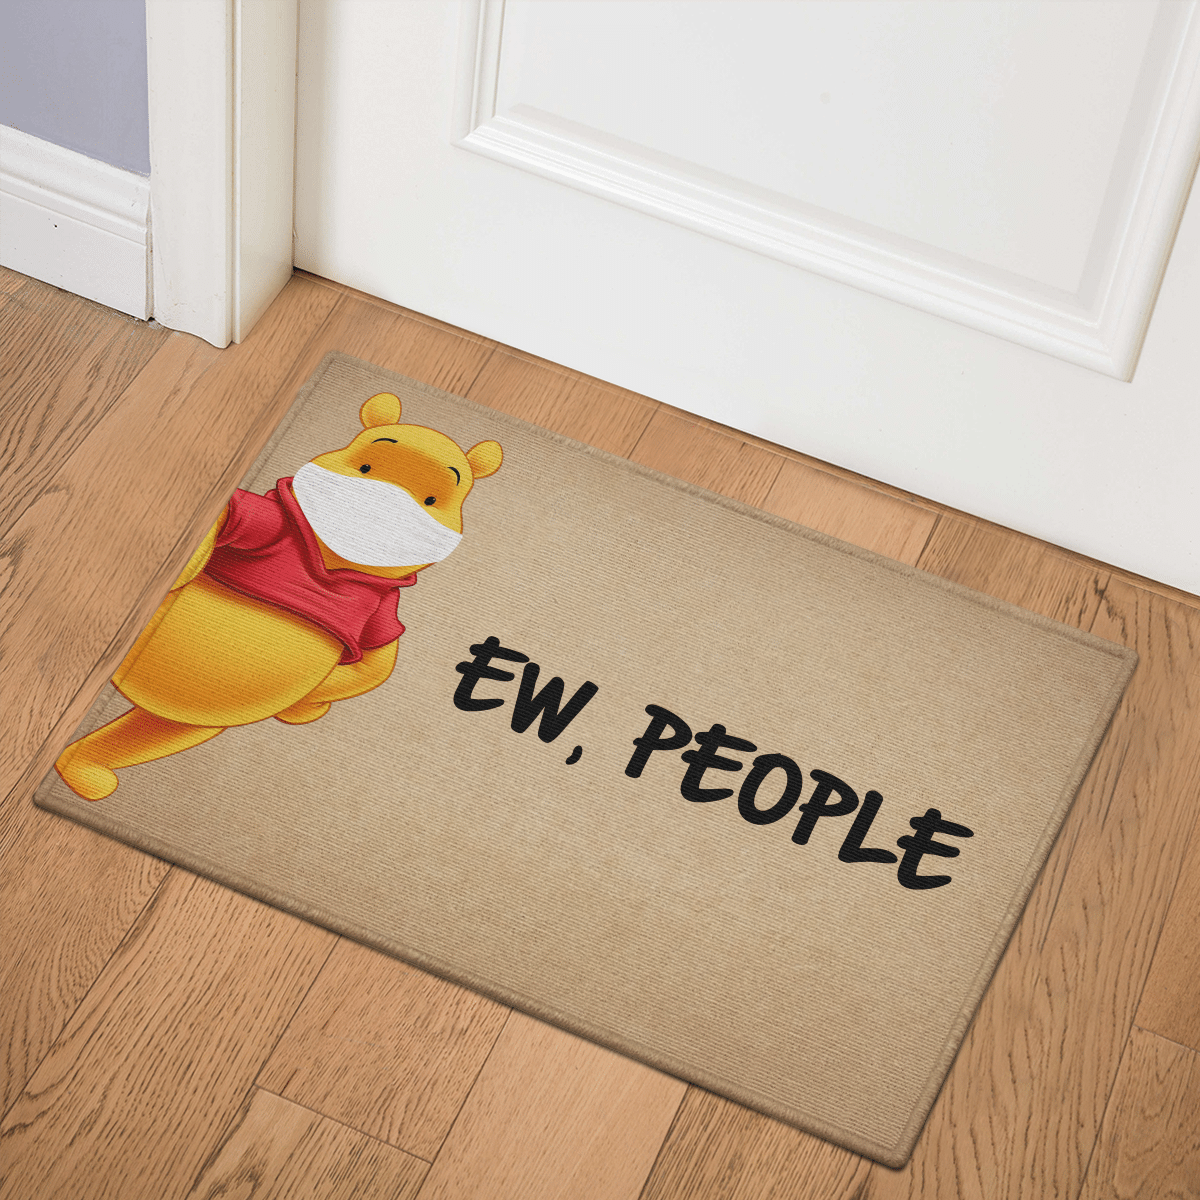 Pooh Ew People Door Mat Bath Mat